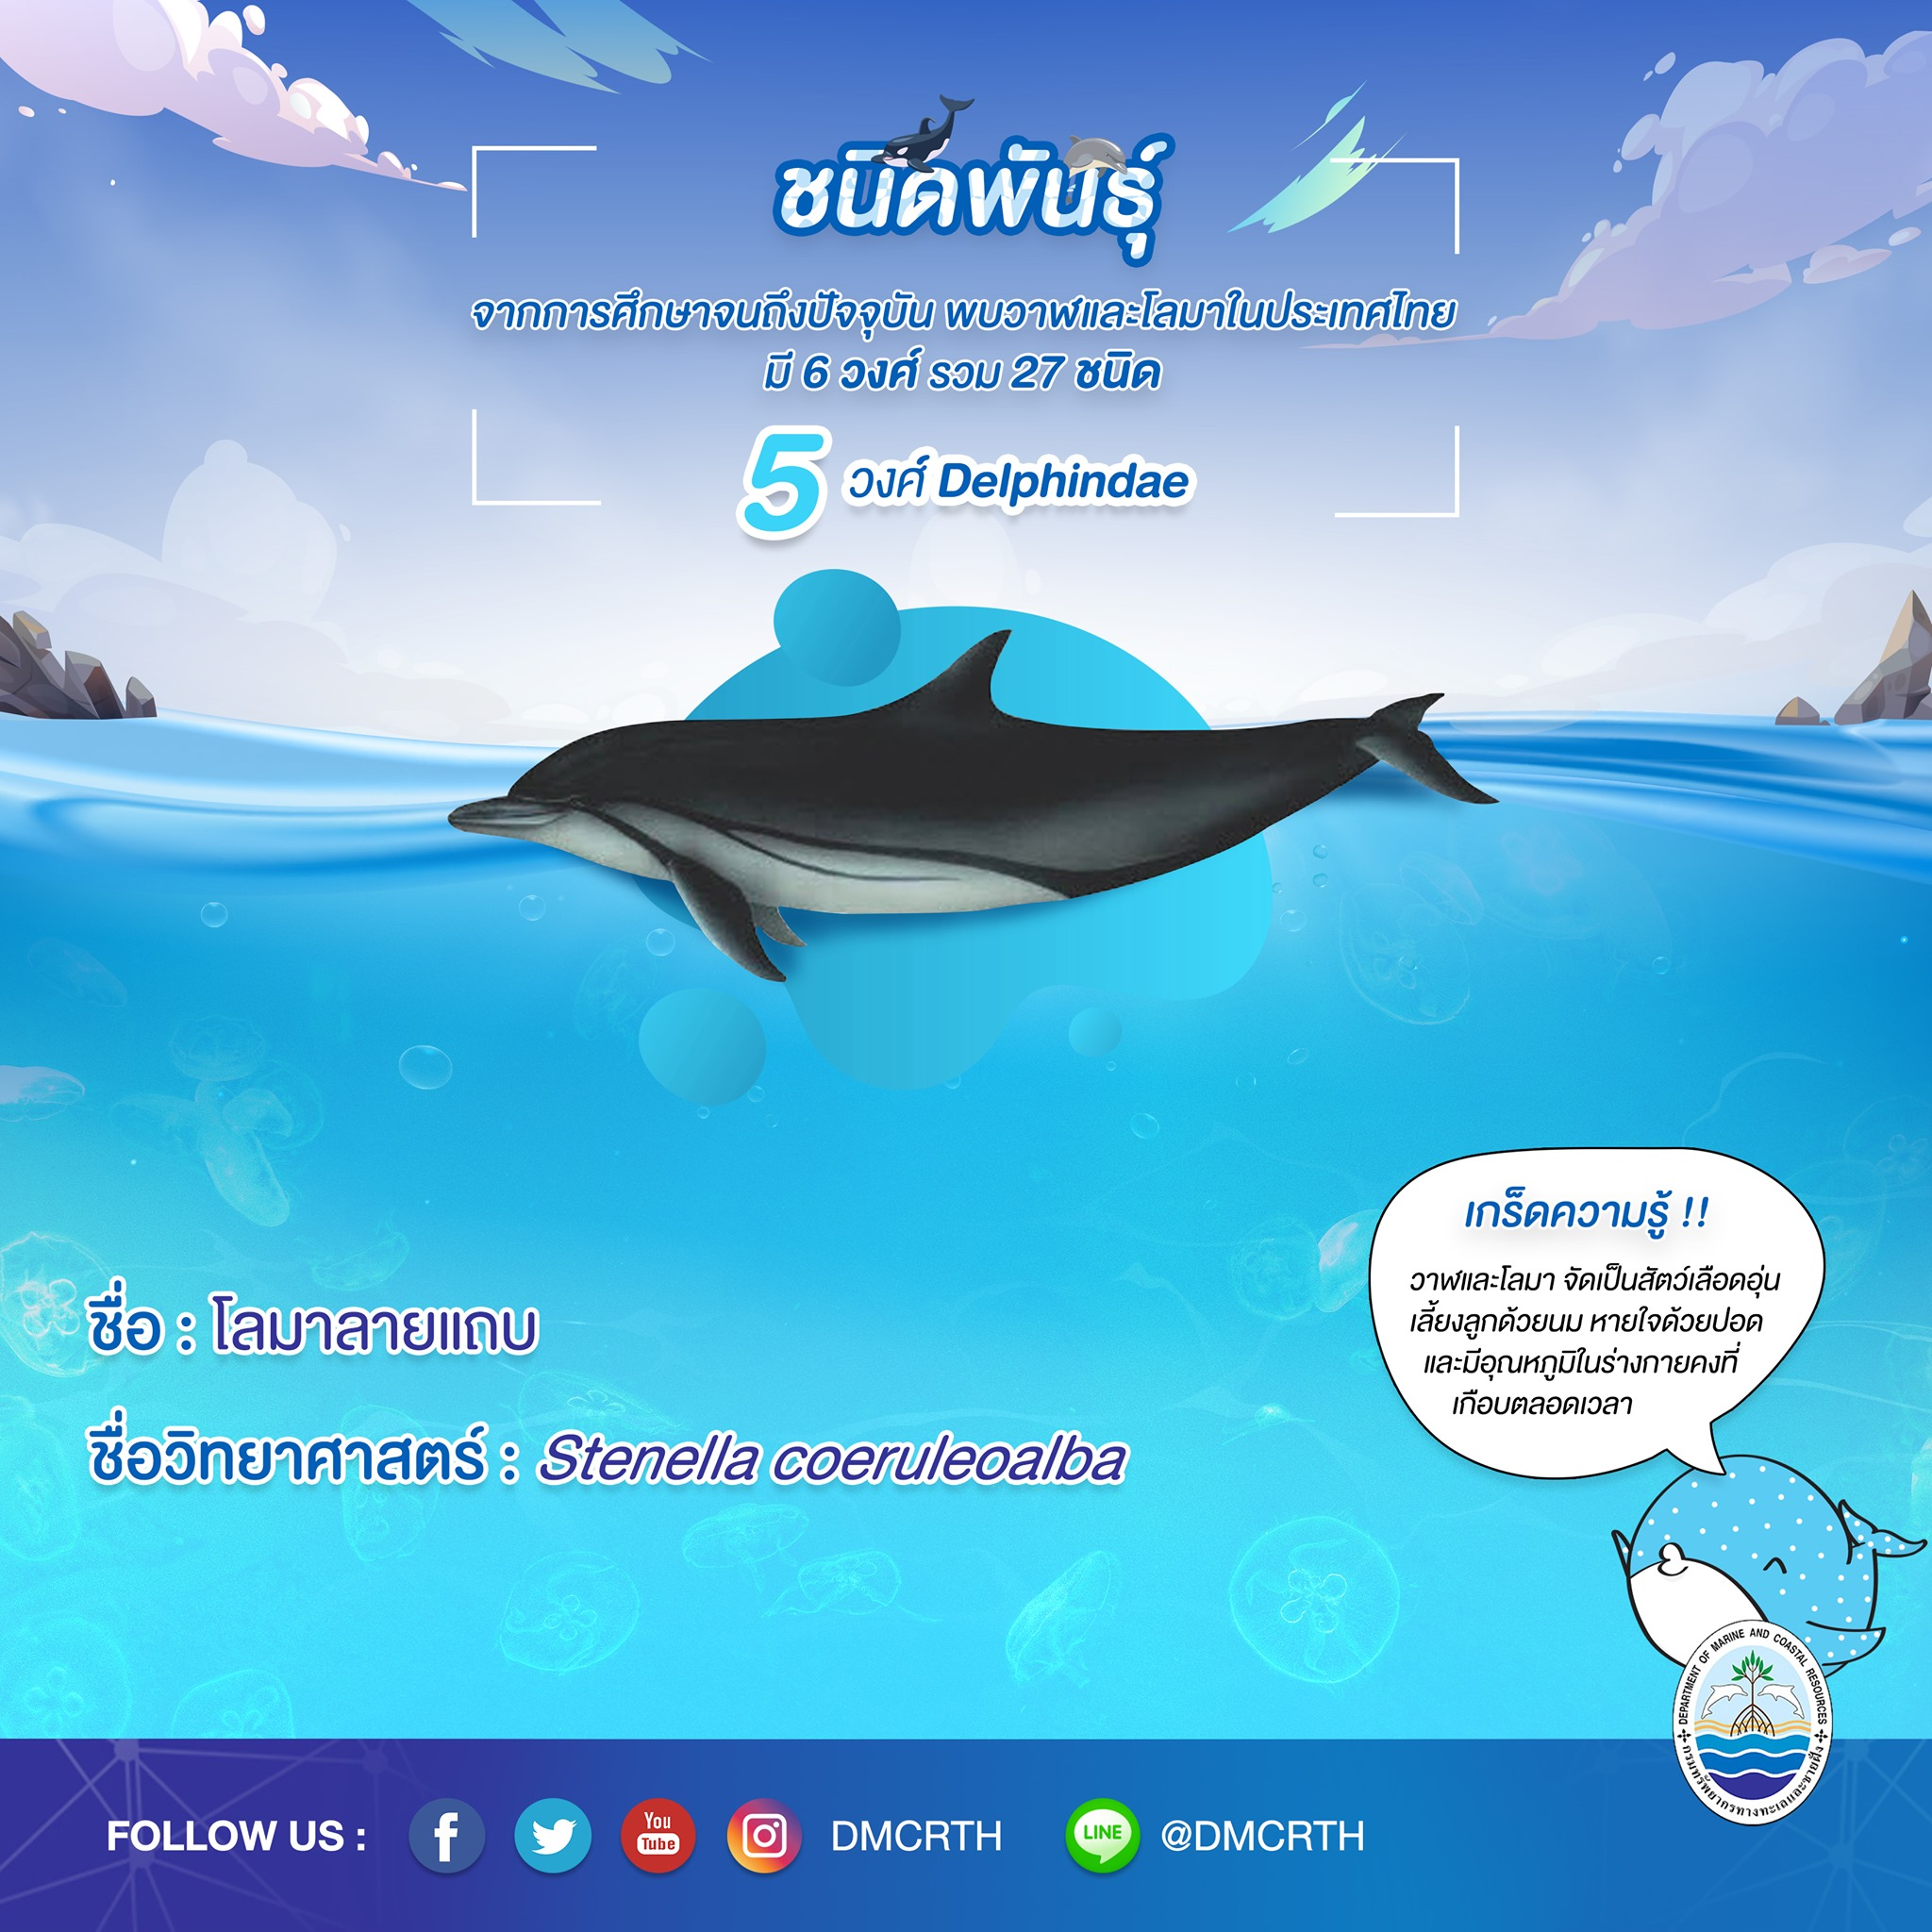 รู้จักเรา รู้จักวาฬ/โลมา วันละชนิด #๒๒ โลมาลายแถบ